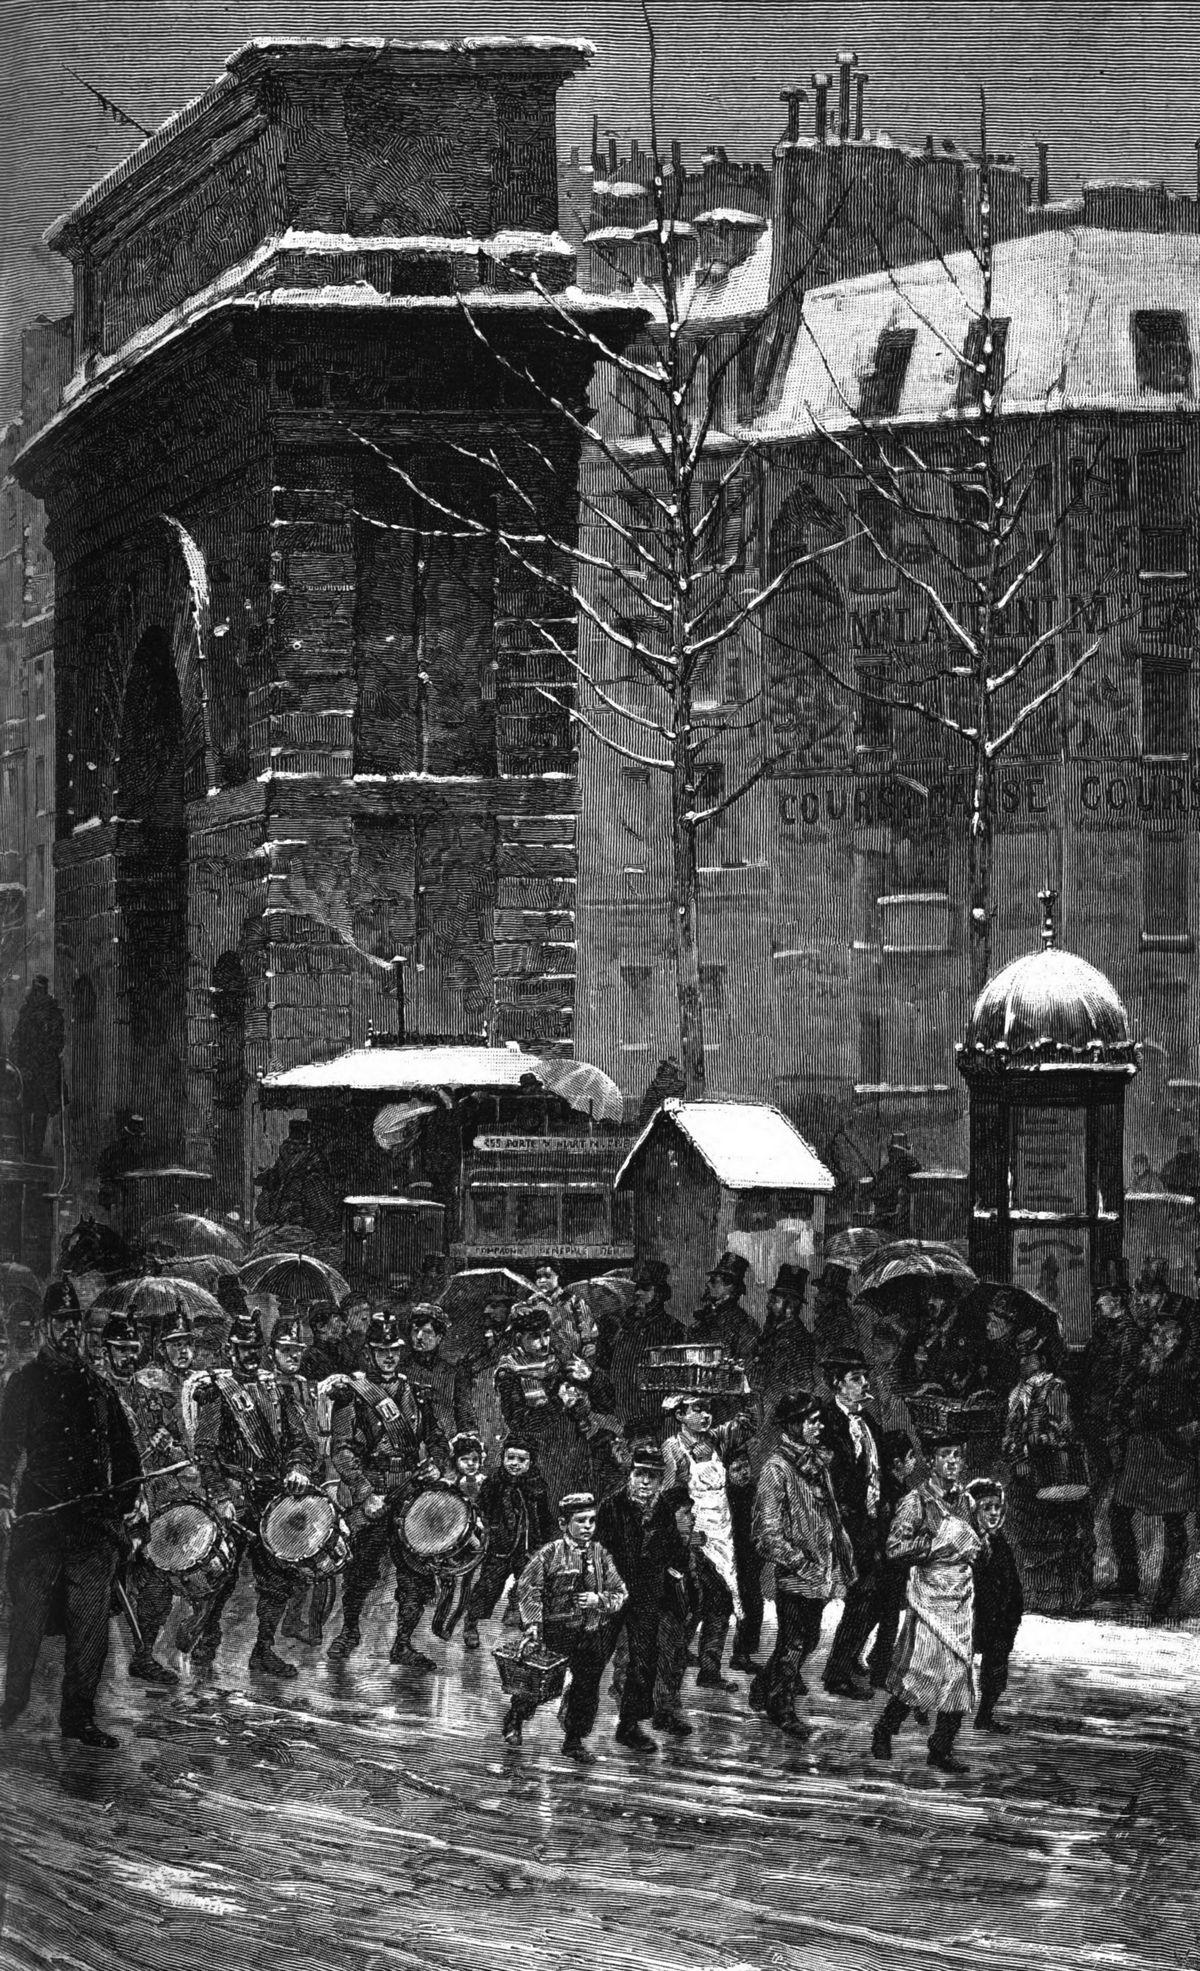 Le régiment qui passe, d'après le tableau de M. Détaillé (Salon de 1875).